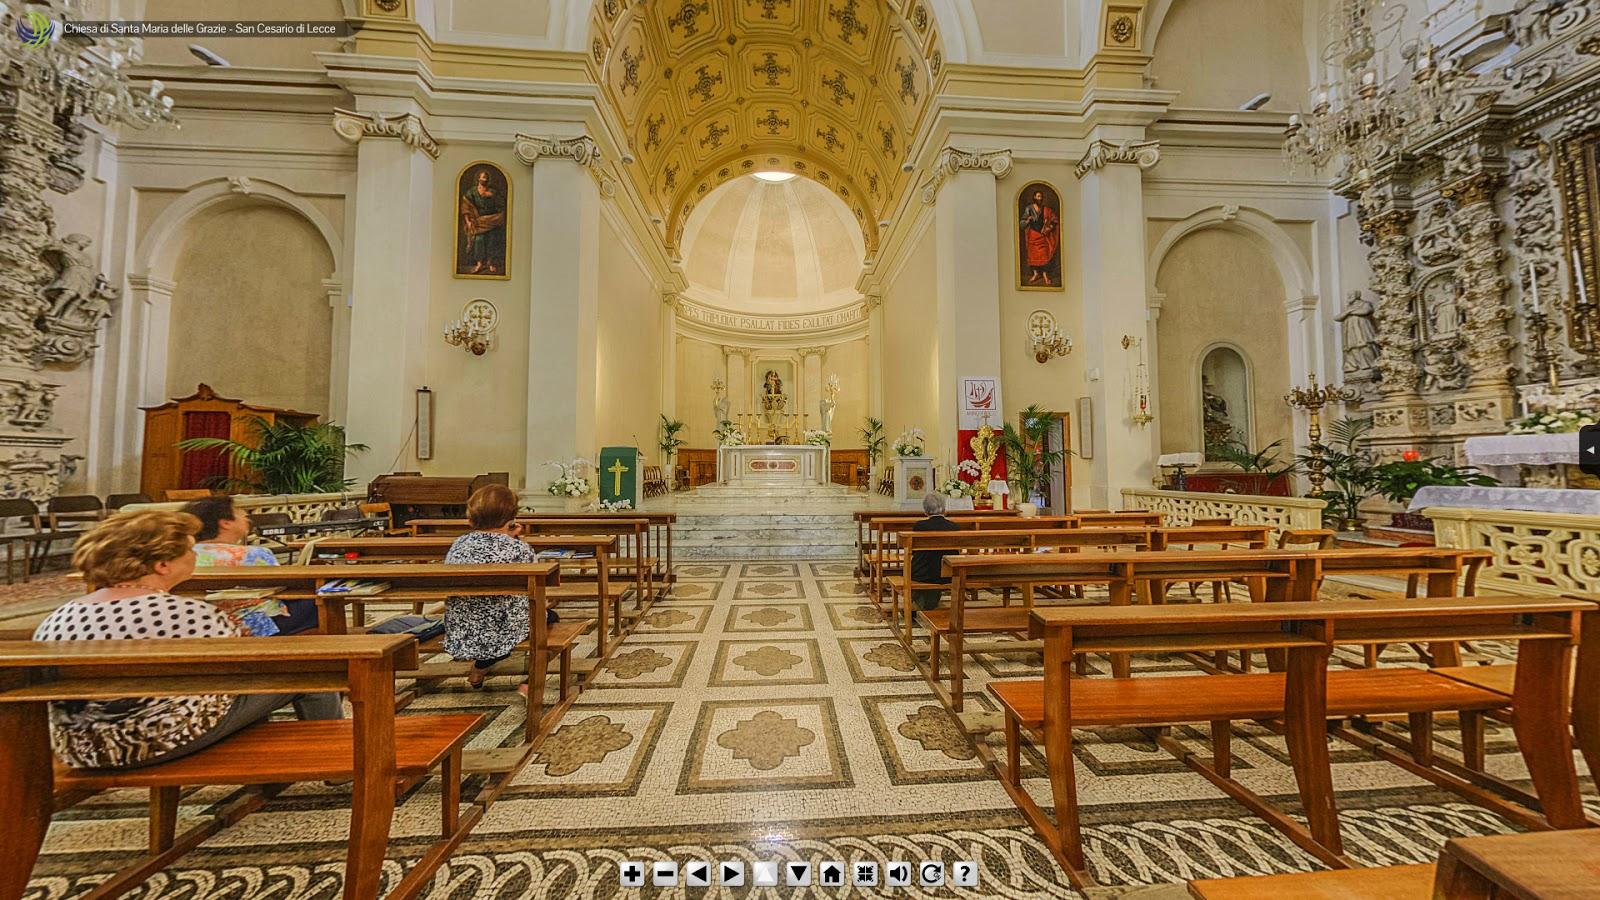 Altare maggiore della chiesa santa maria delle grazie a for Albanese arredamenti san cesario lecce